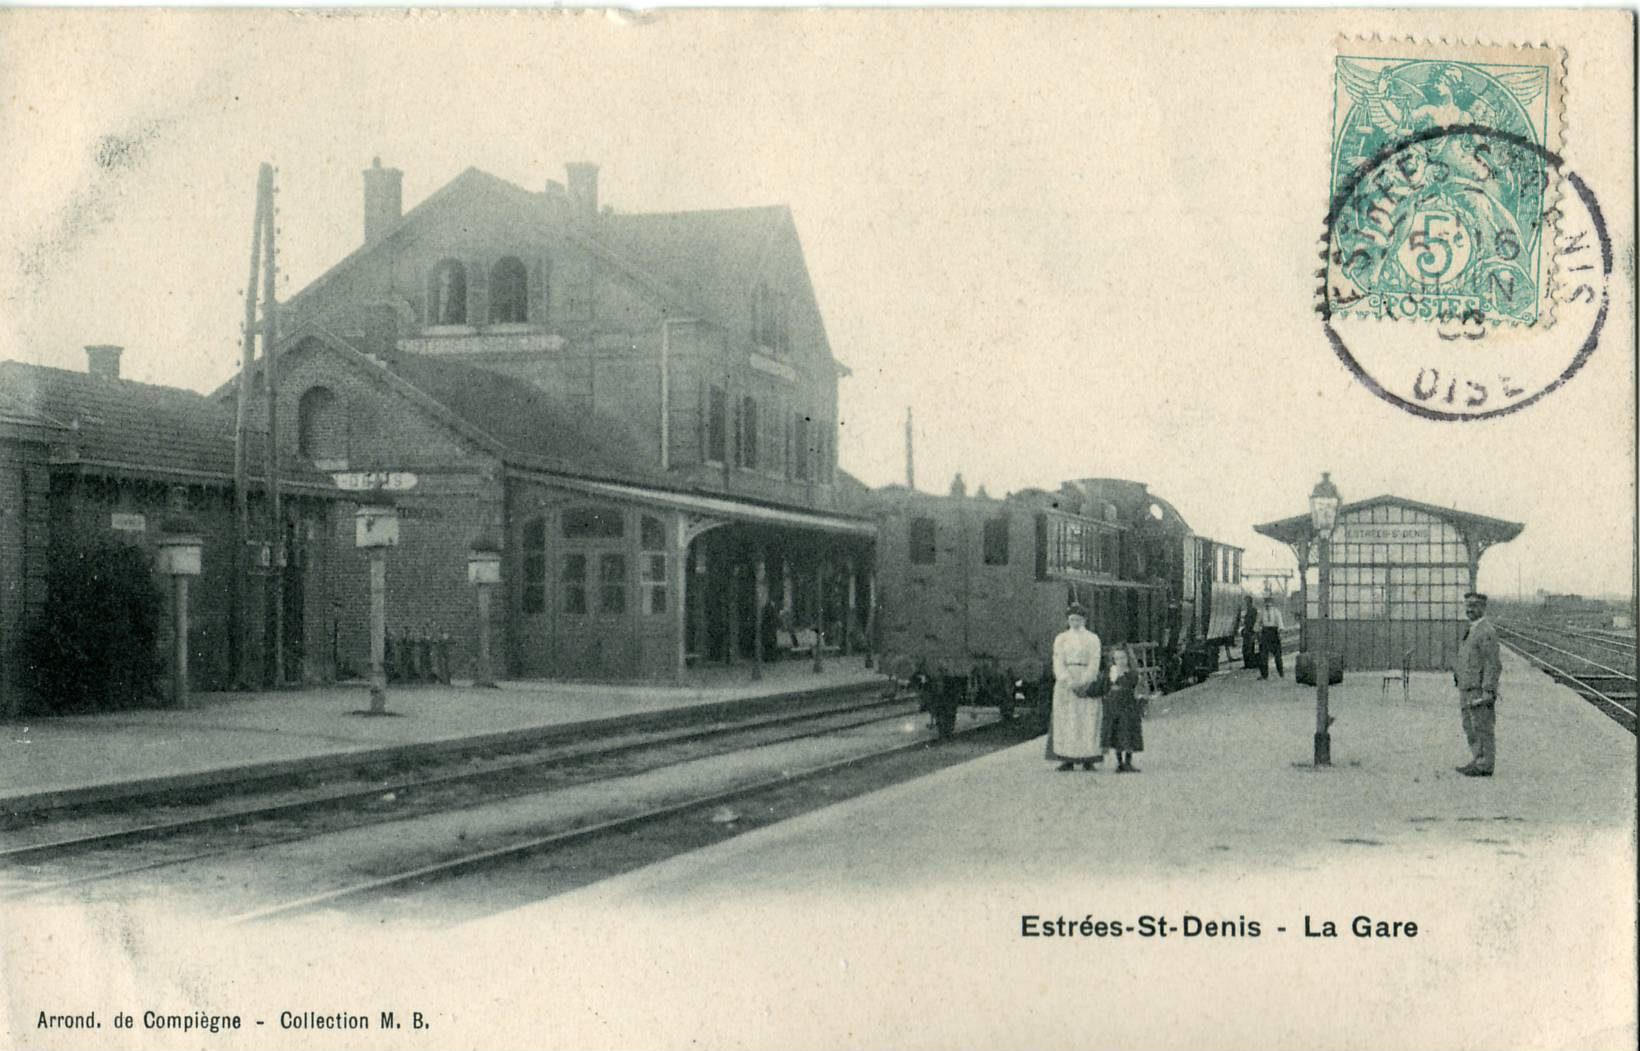 Estació d'Estrées-Saint-Denis